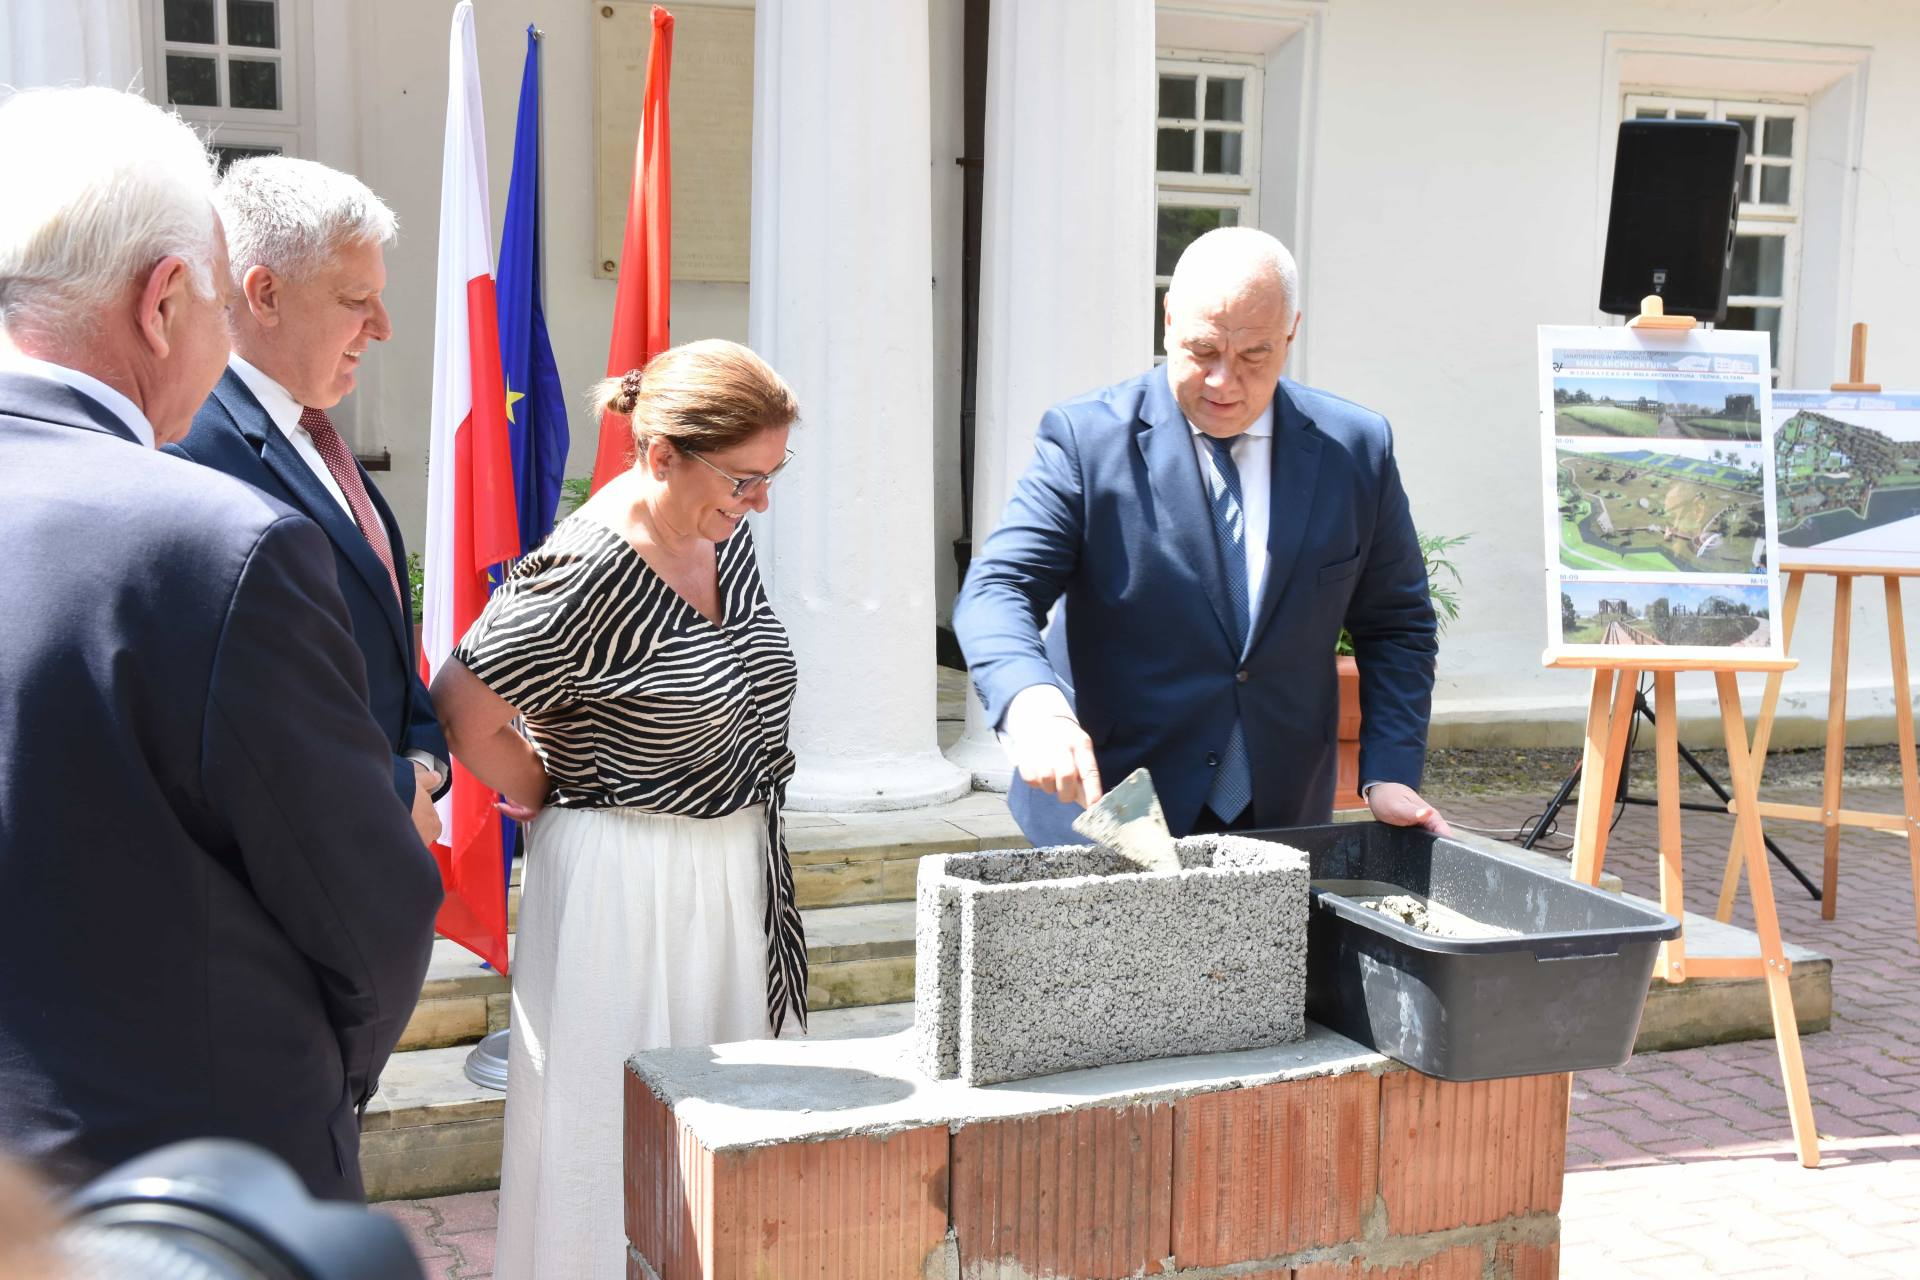 dsc 7569 Za 80 mln zł rozbudowane zostanie sanatorium w Krasnobrodzie.